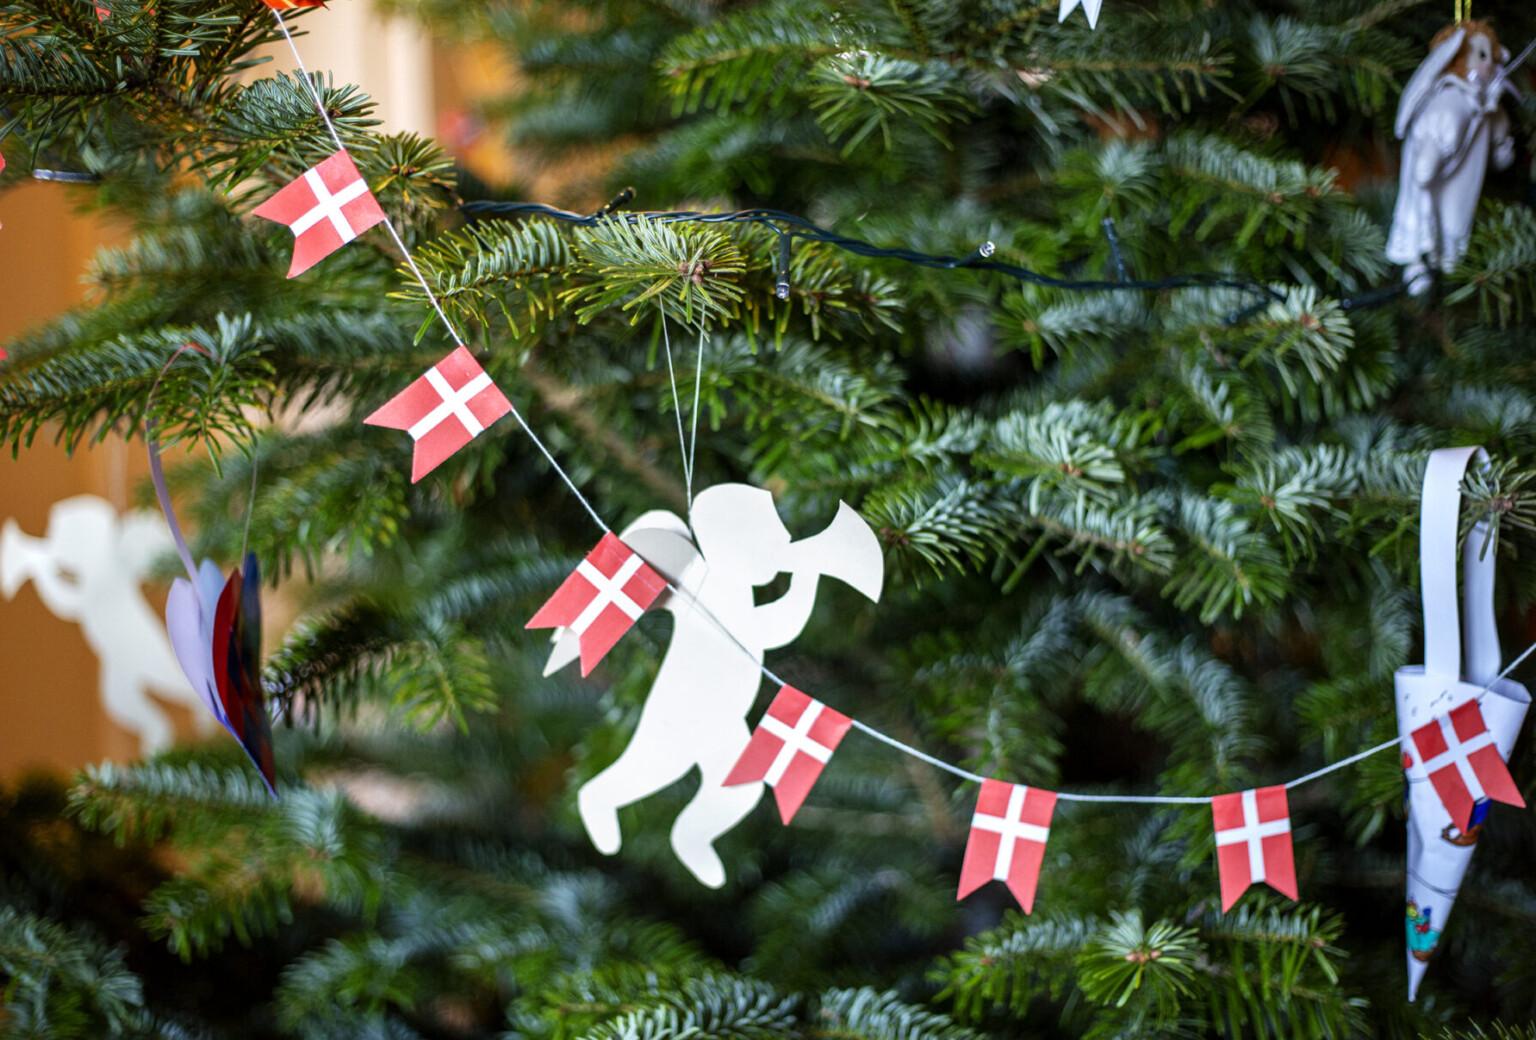 Foredrag om jul på Herningsholm Museum